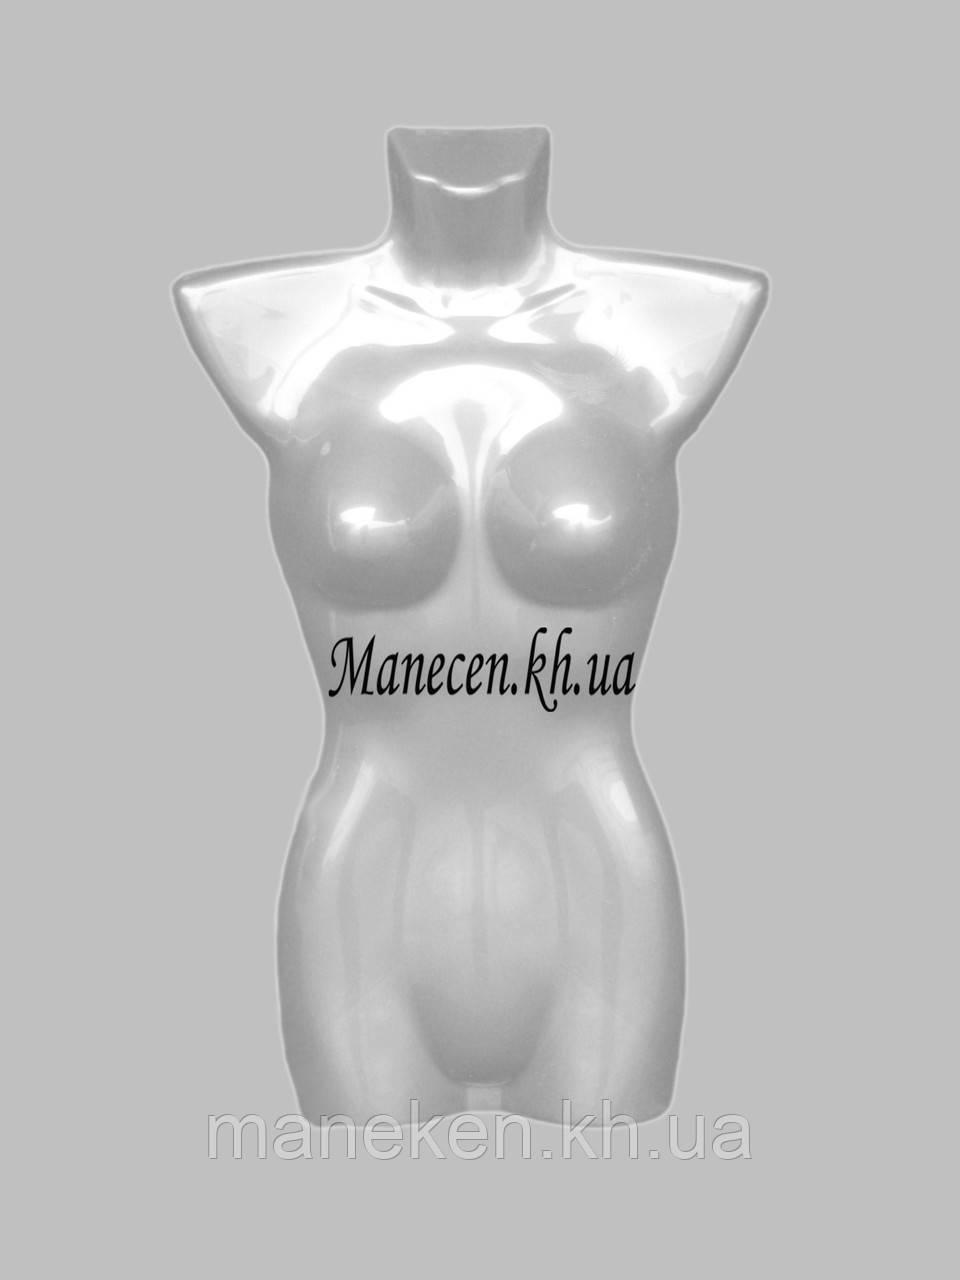 Манекен полуобъемный женский р42-44 подвесной с логотипом орла на груди